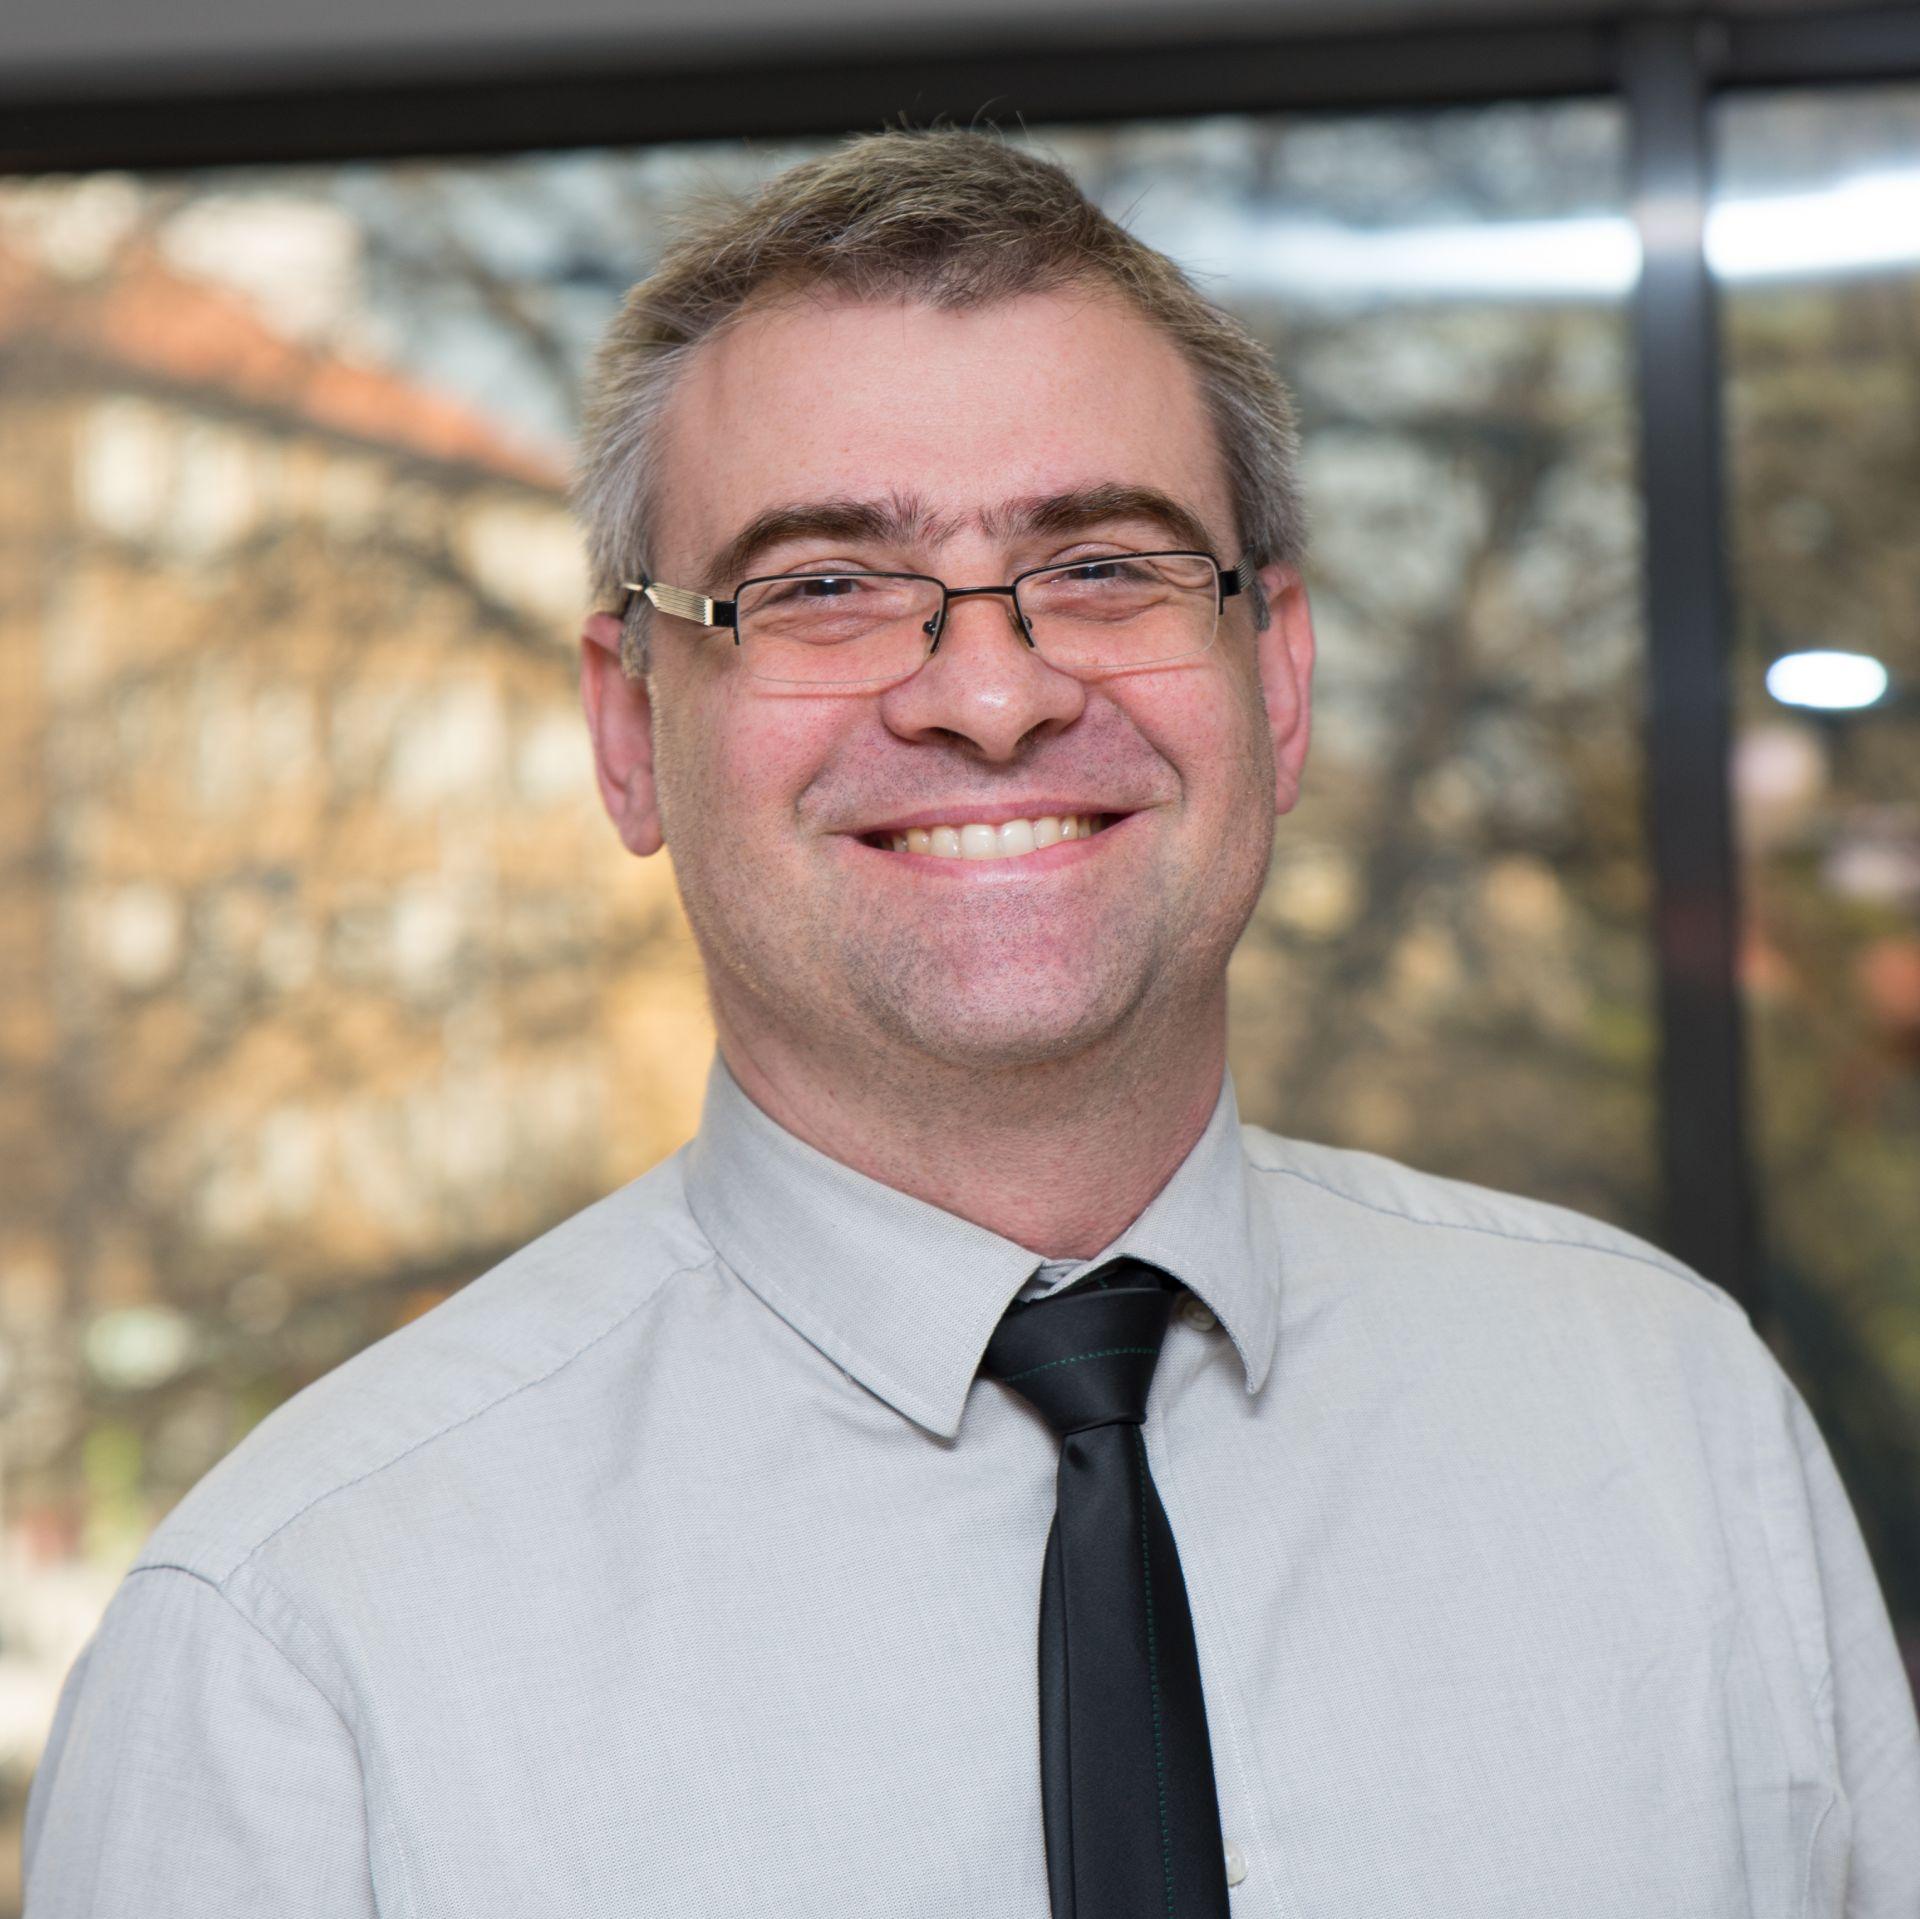 Николай Николов - професионалист в областта на човешките ресурси и консултирането